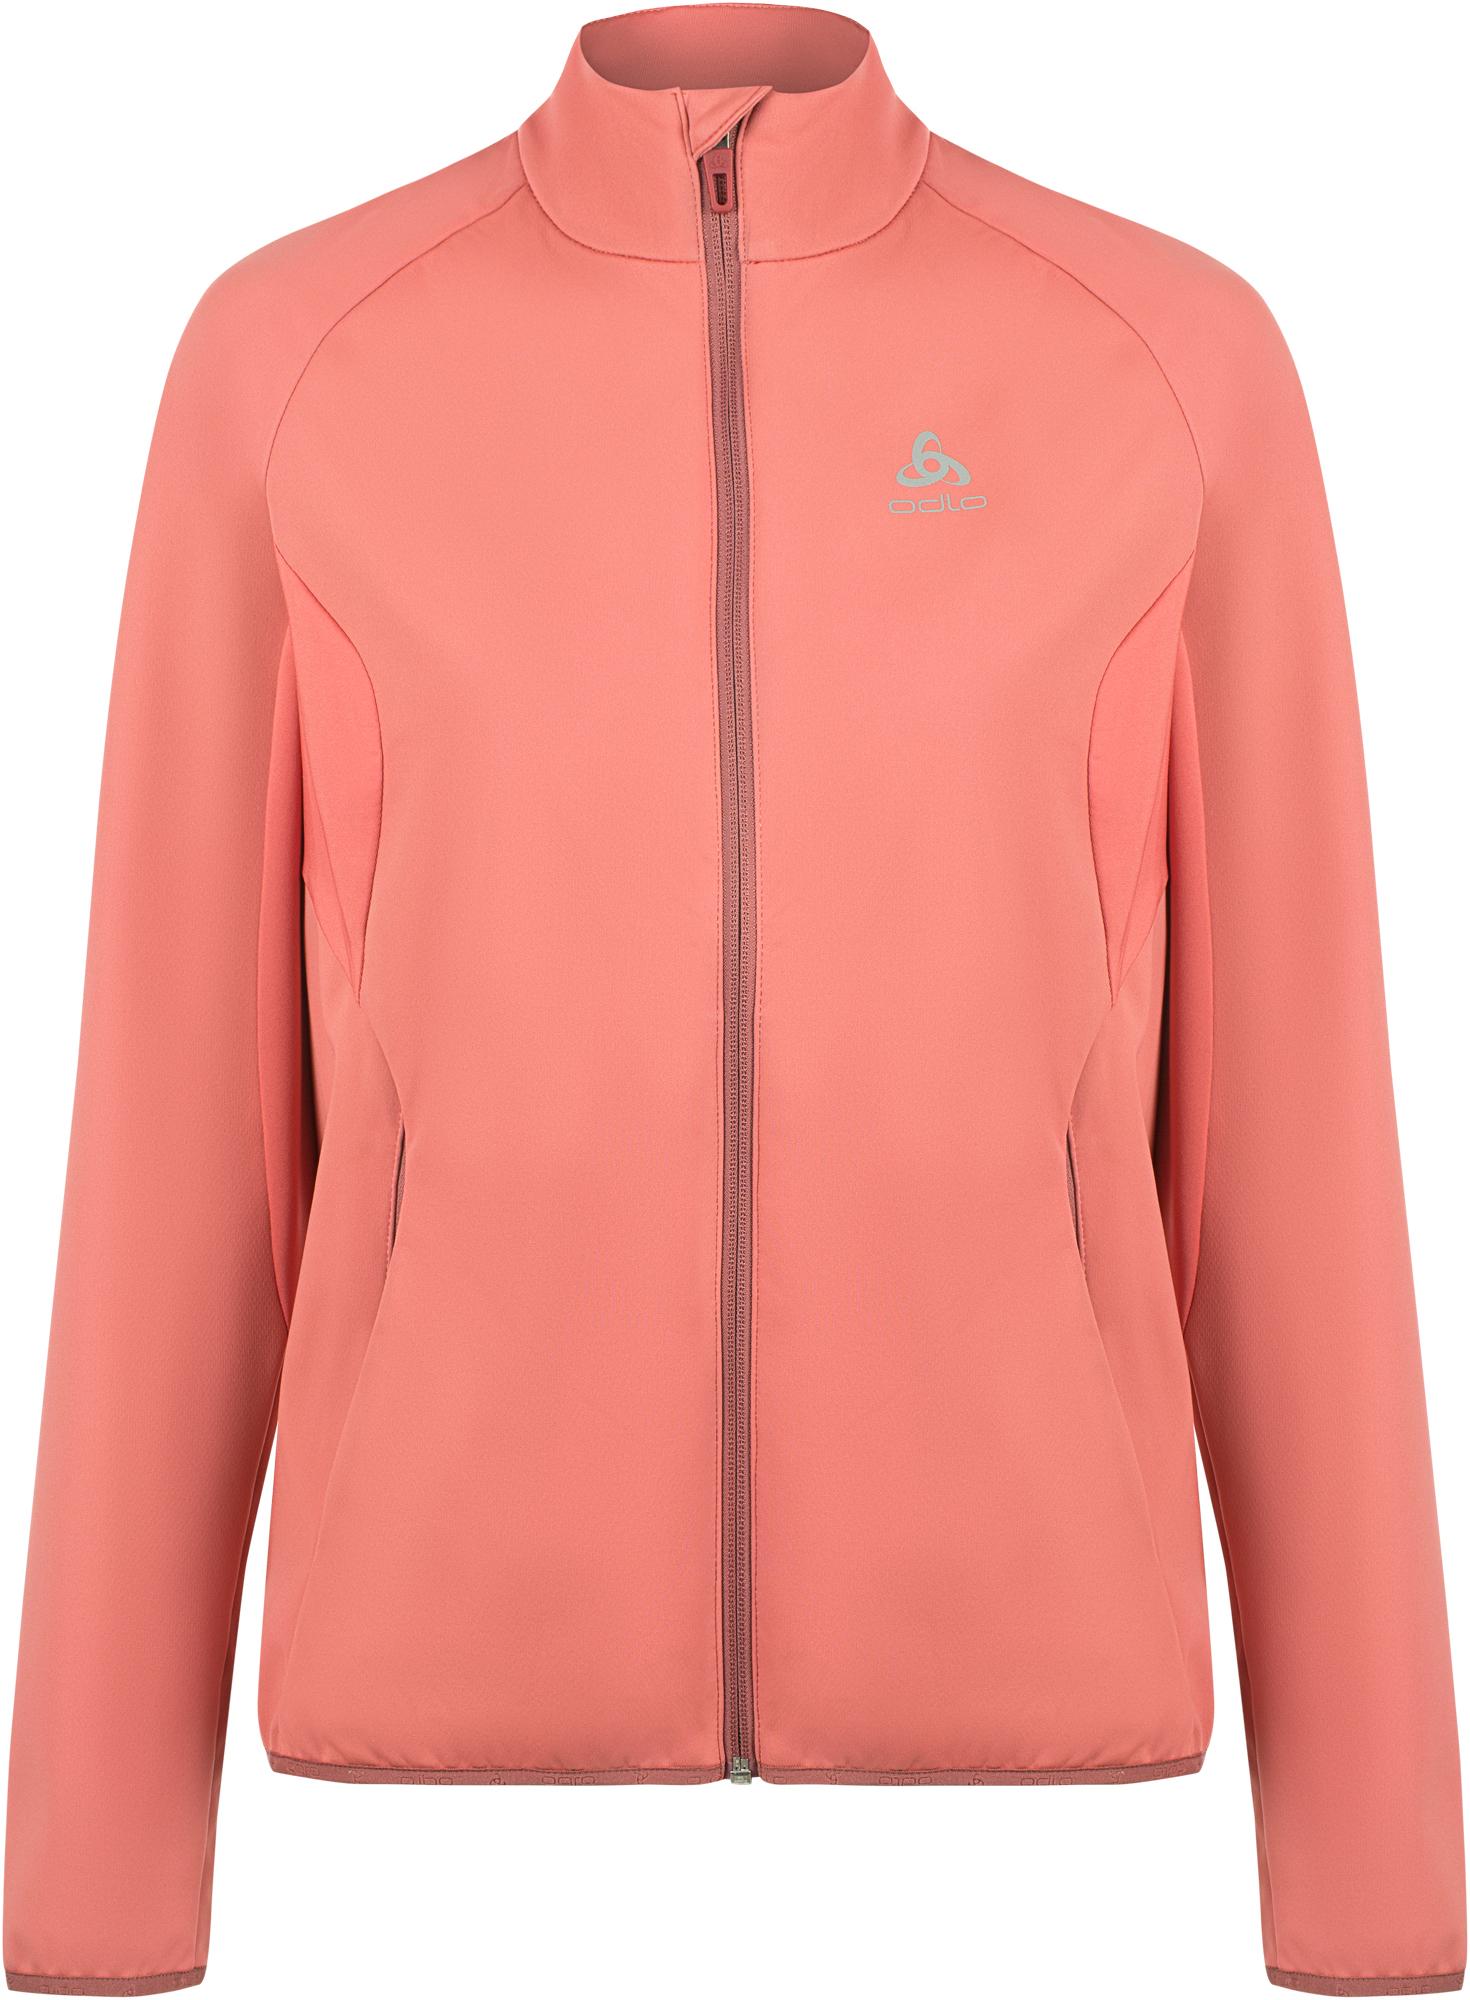 Odlo Куртка женская Odlo Aeolus Element, размер 46-48 odlo футболка женская odlo millennium размер 46 48